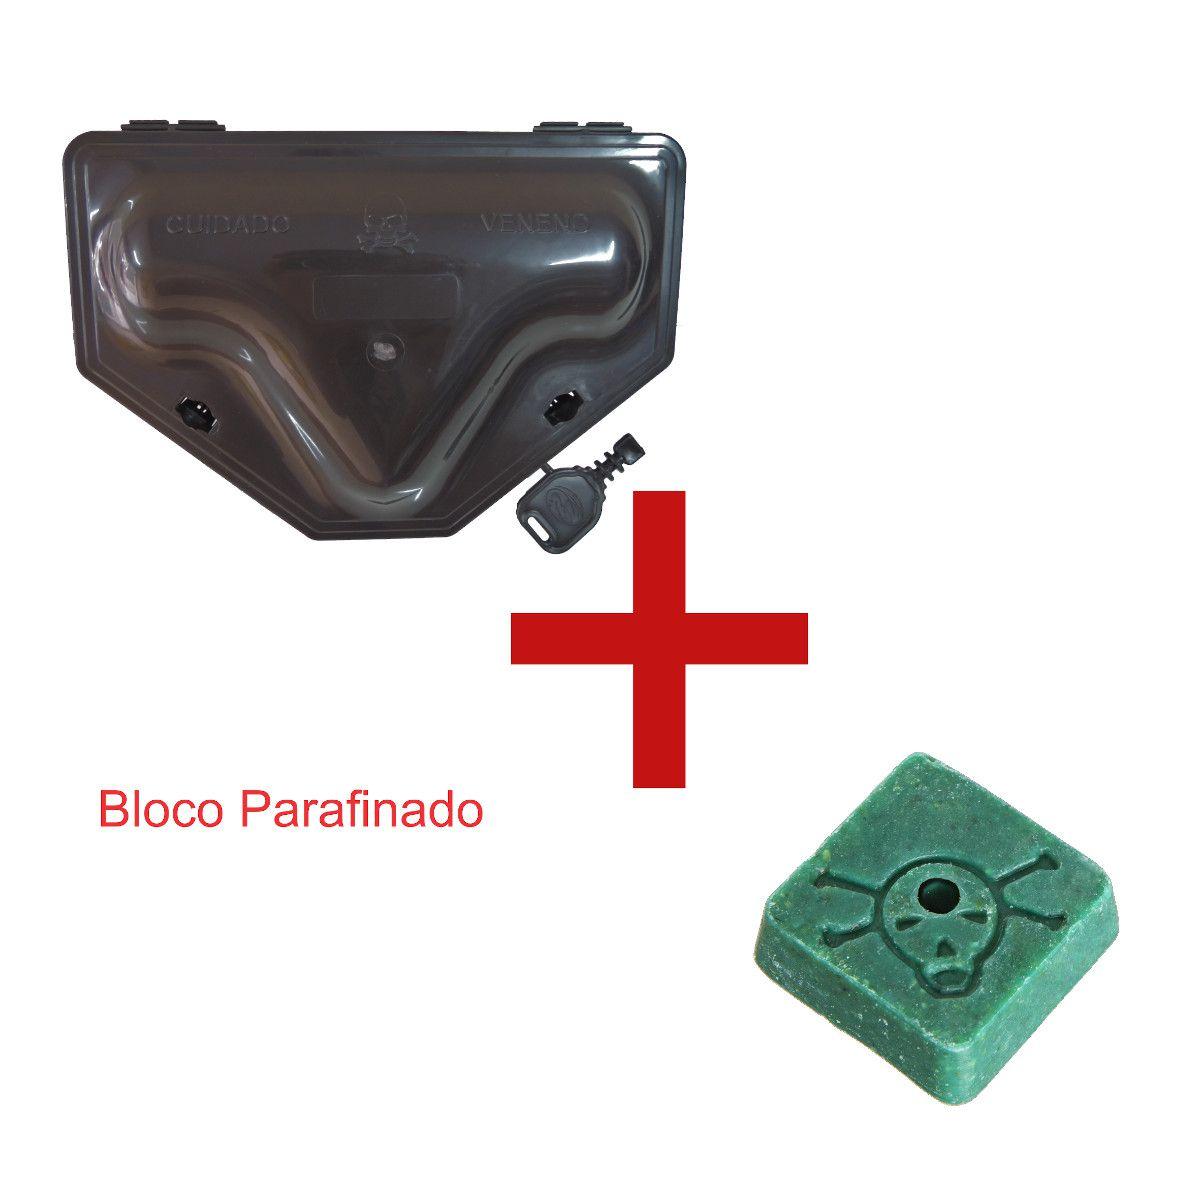 41 Porta Iscas C/ Duplo Travamento + 41 Bloco Parafinado